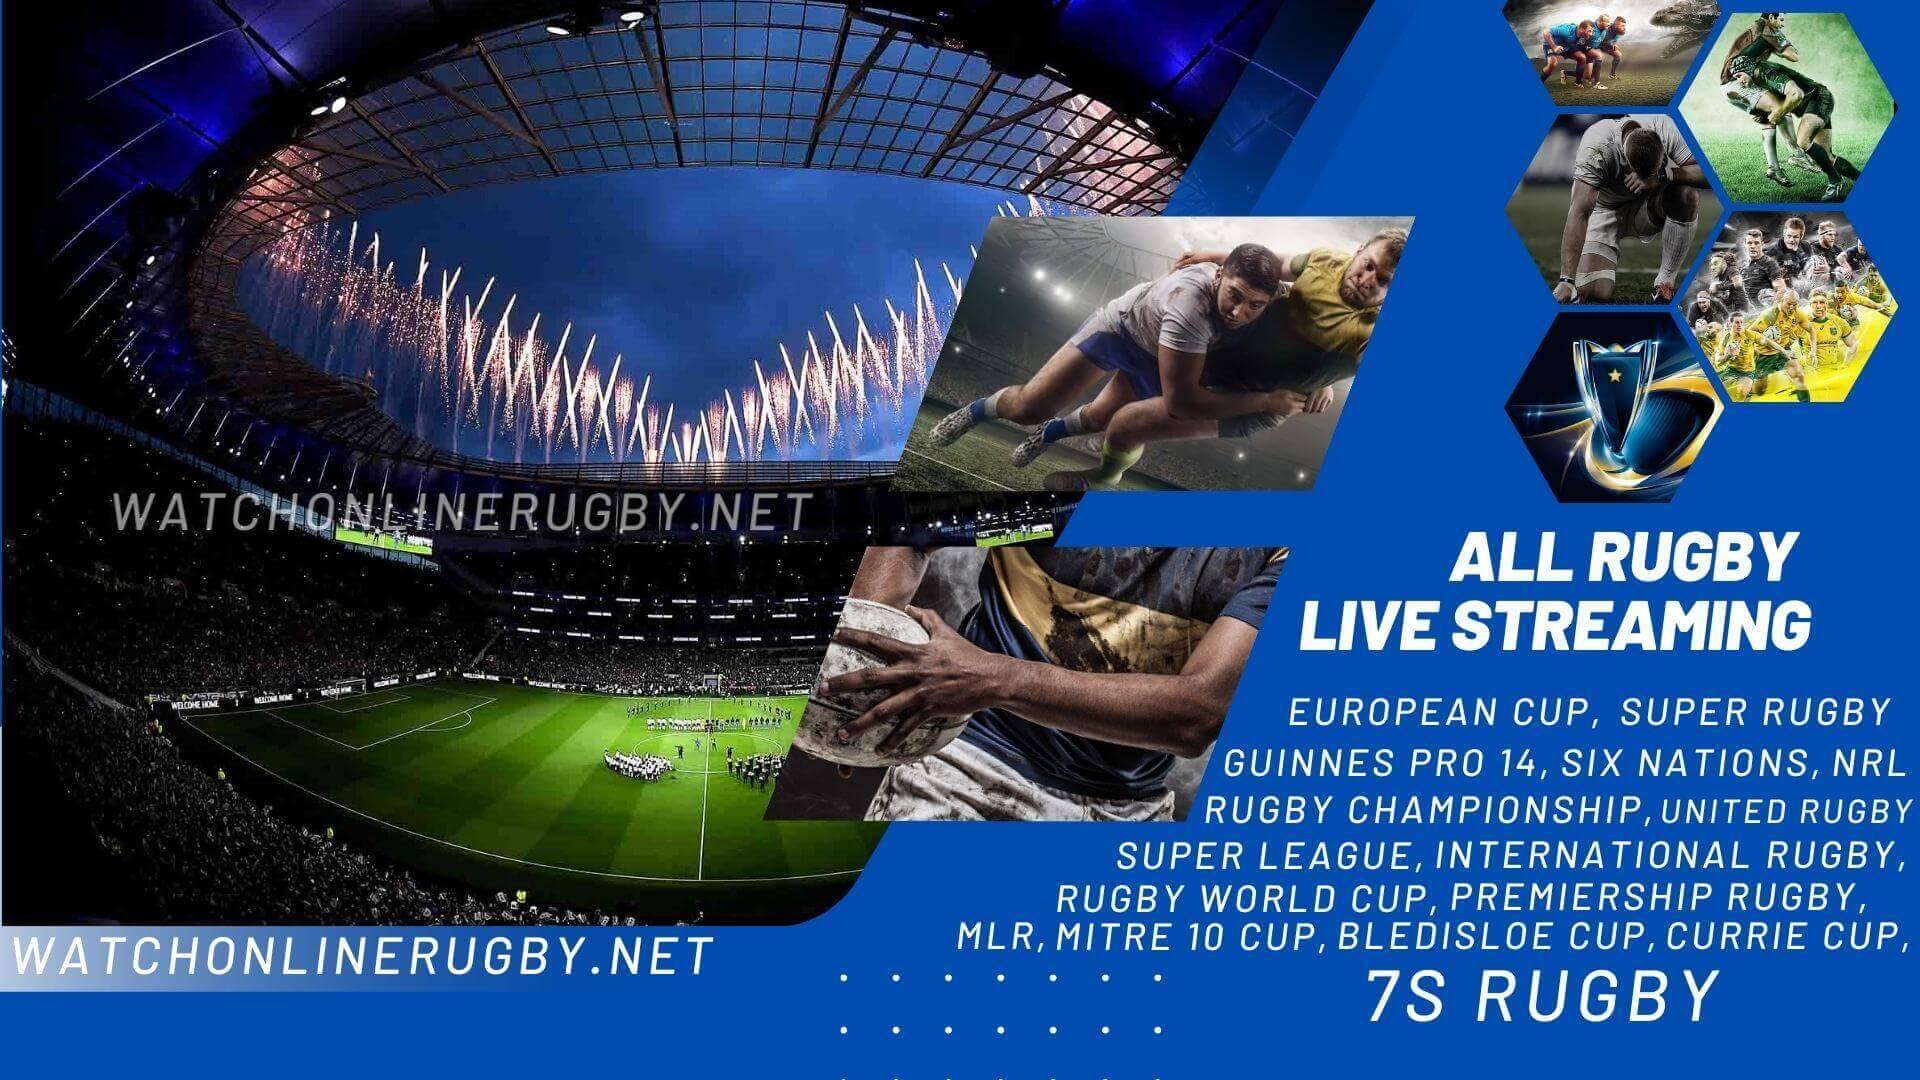 edinburgh-vs-la-rochelle-rugby-stream-live